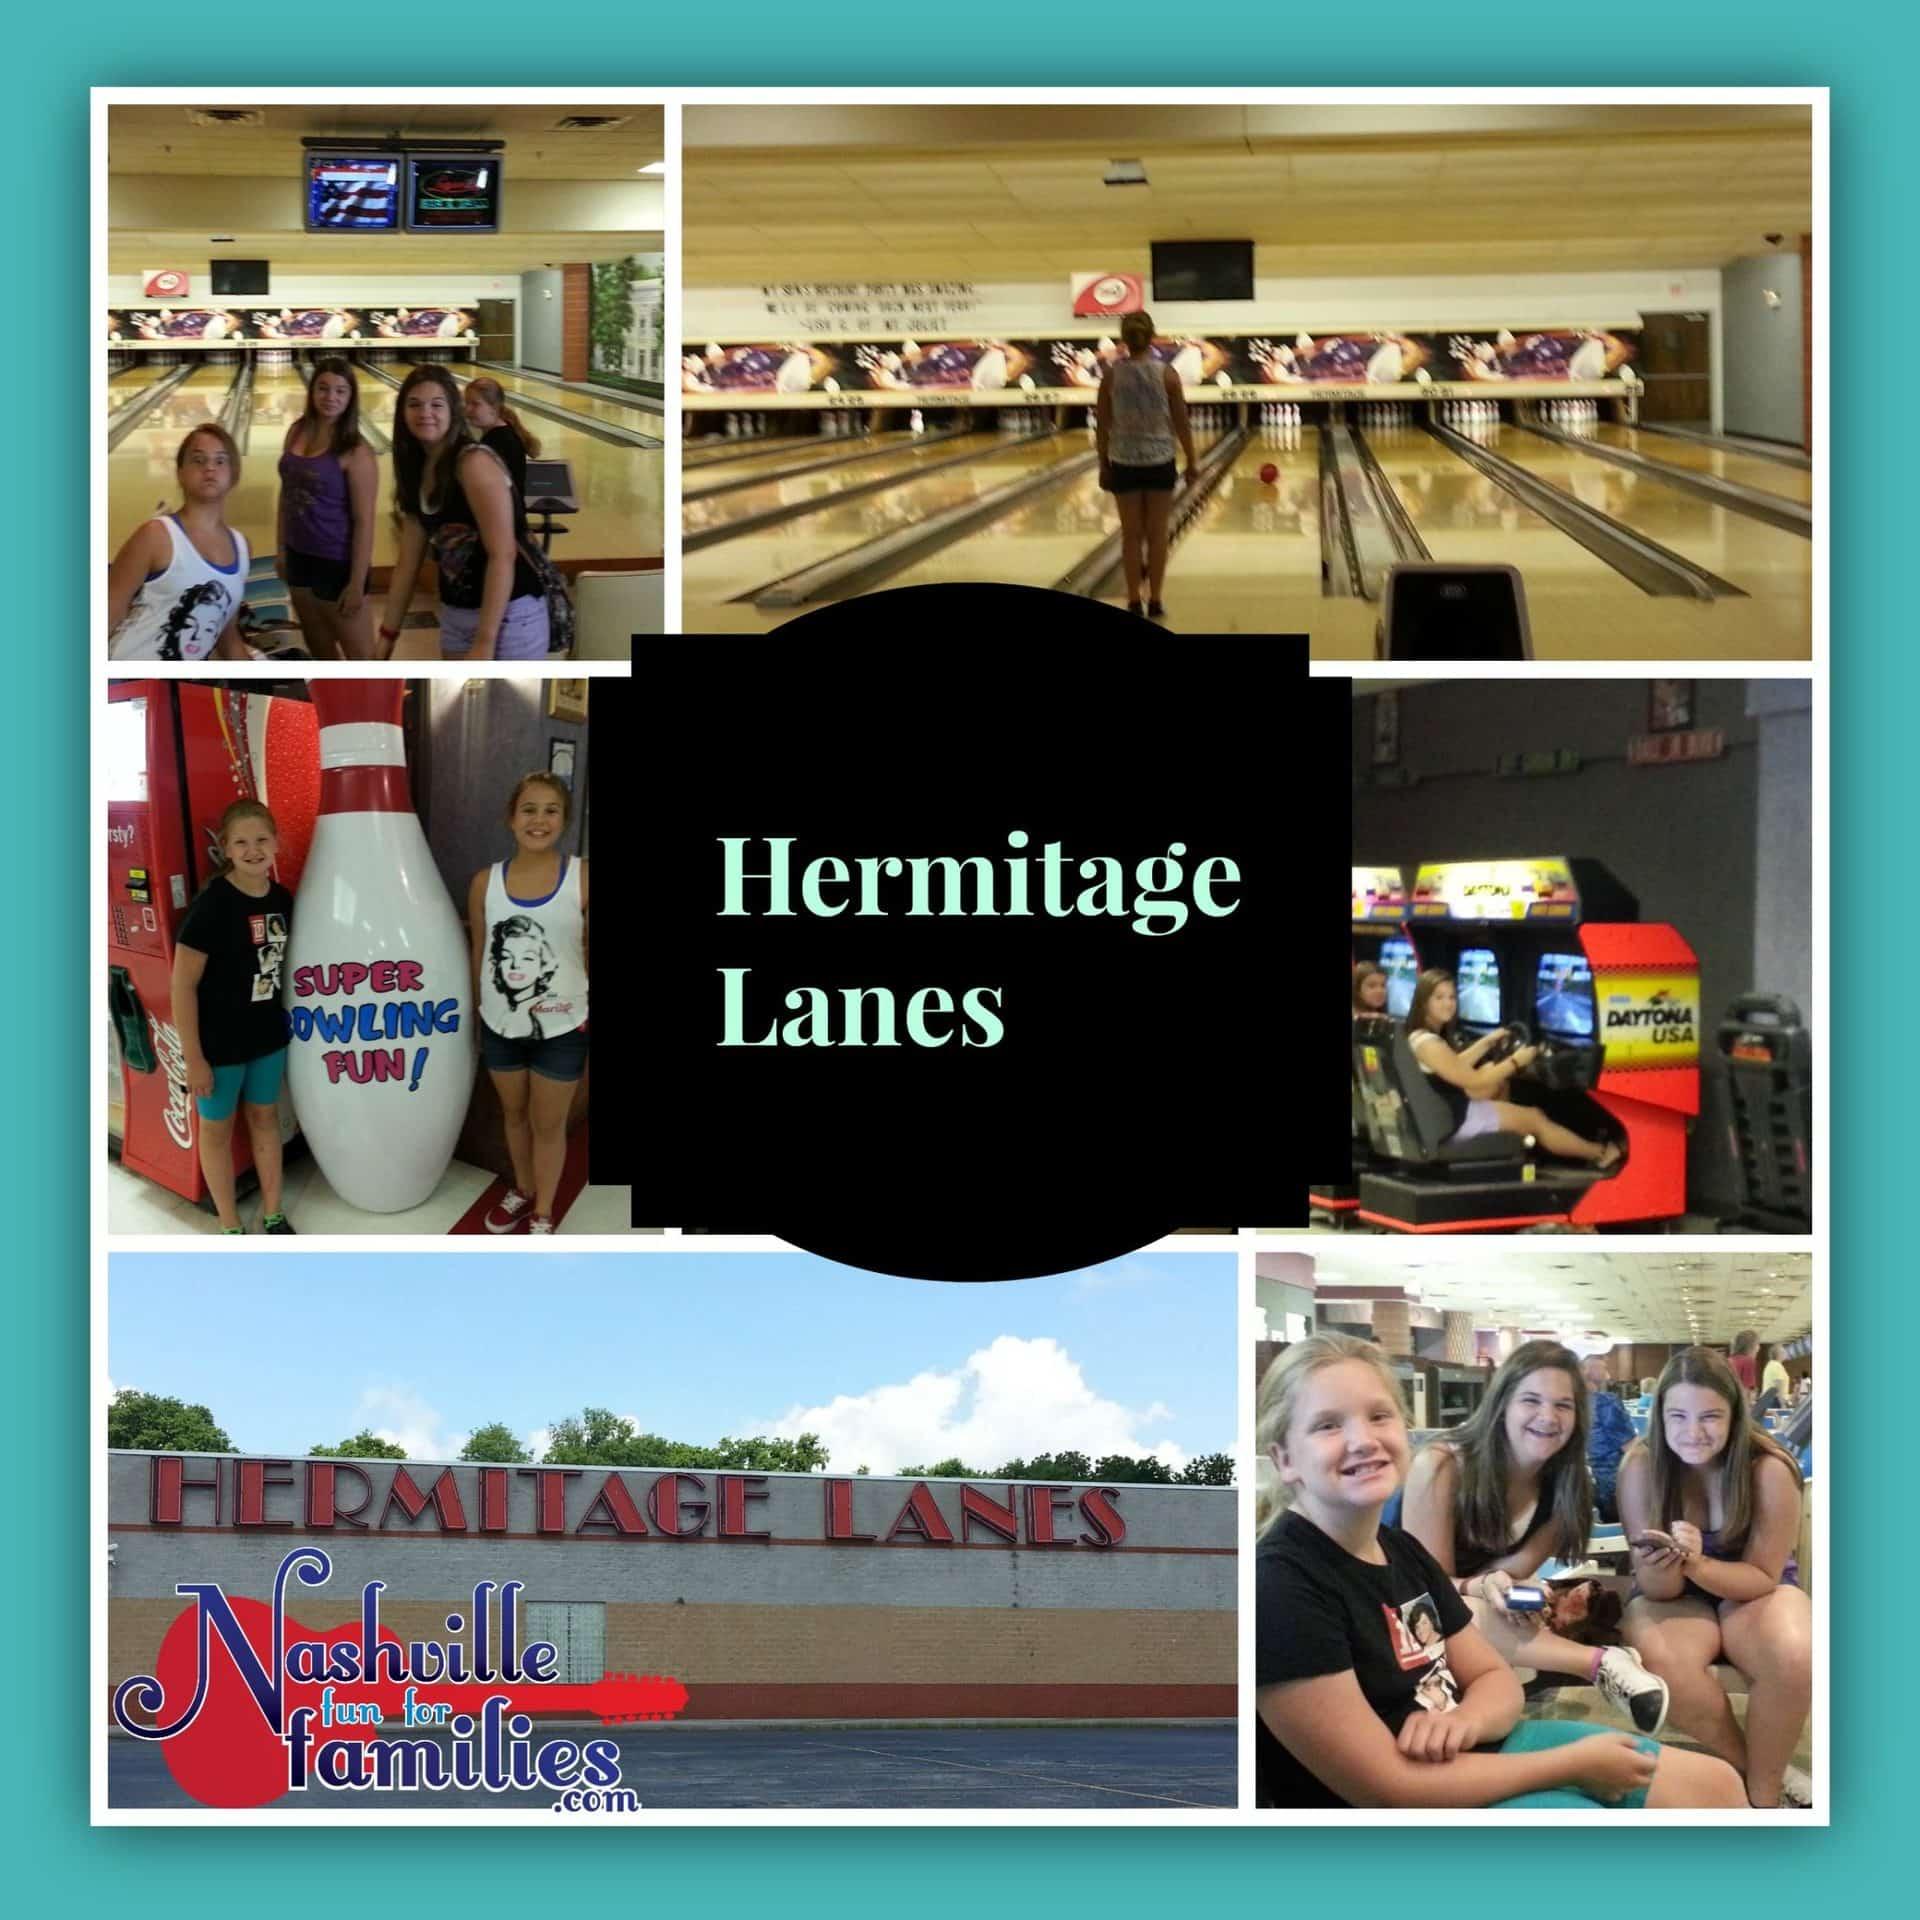 Hermitage Lanes